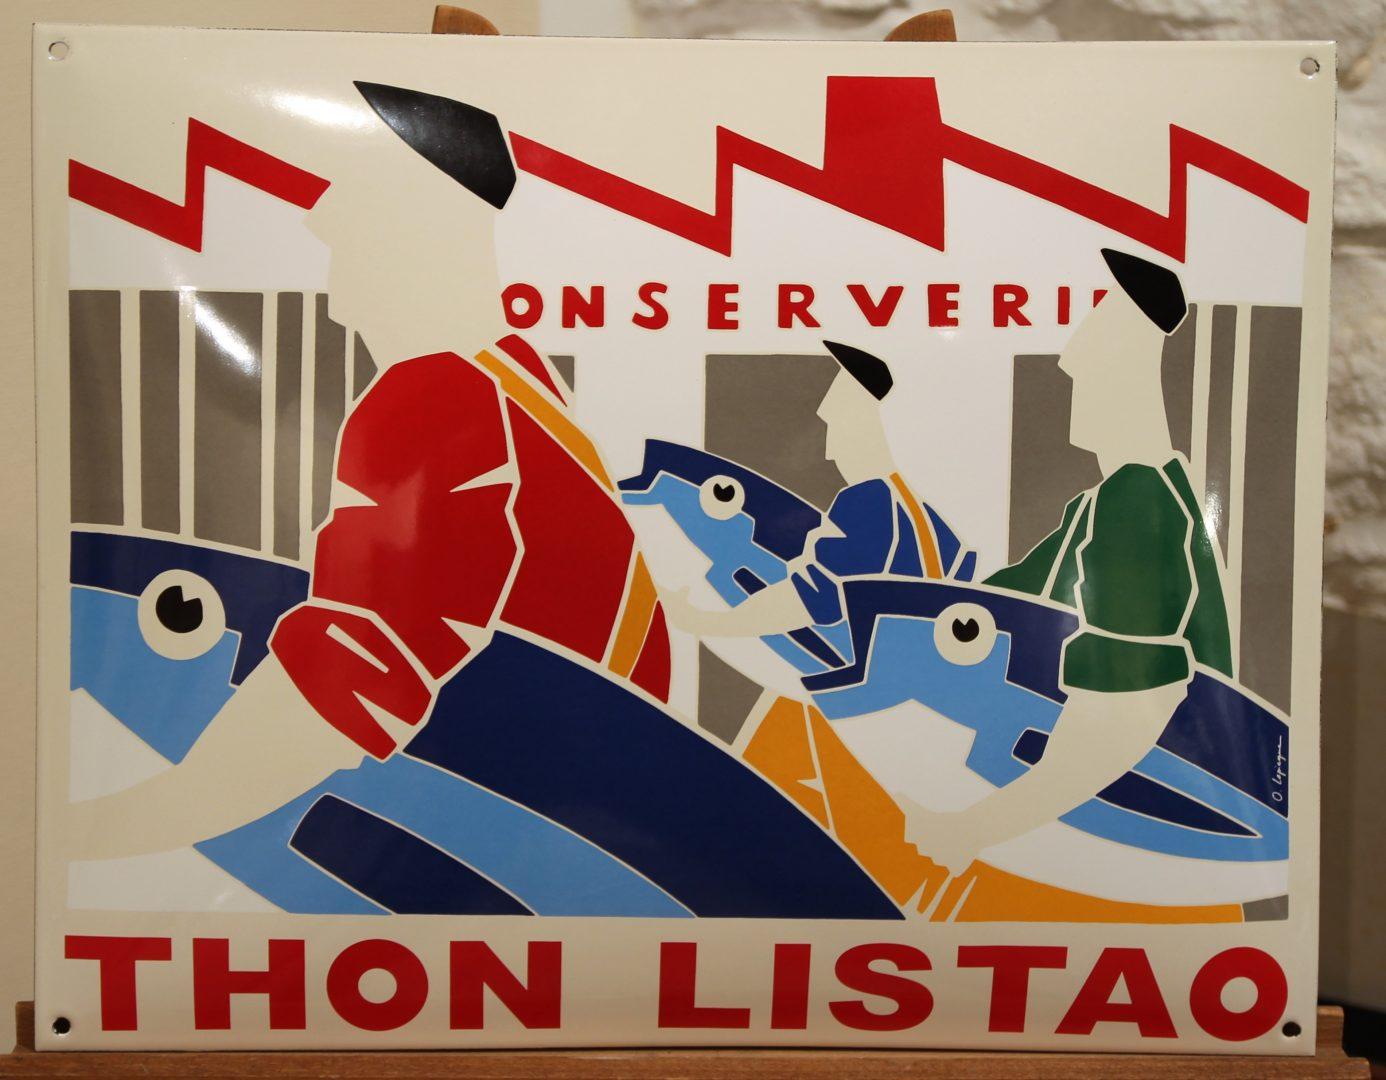 Olivier-Lapicque-Thon-listao-plaque-tôle-émaillée